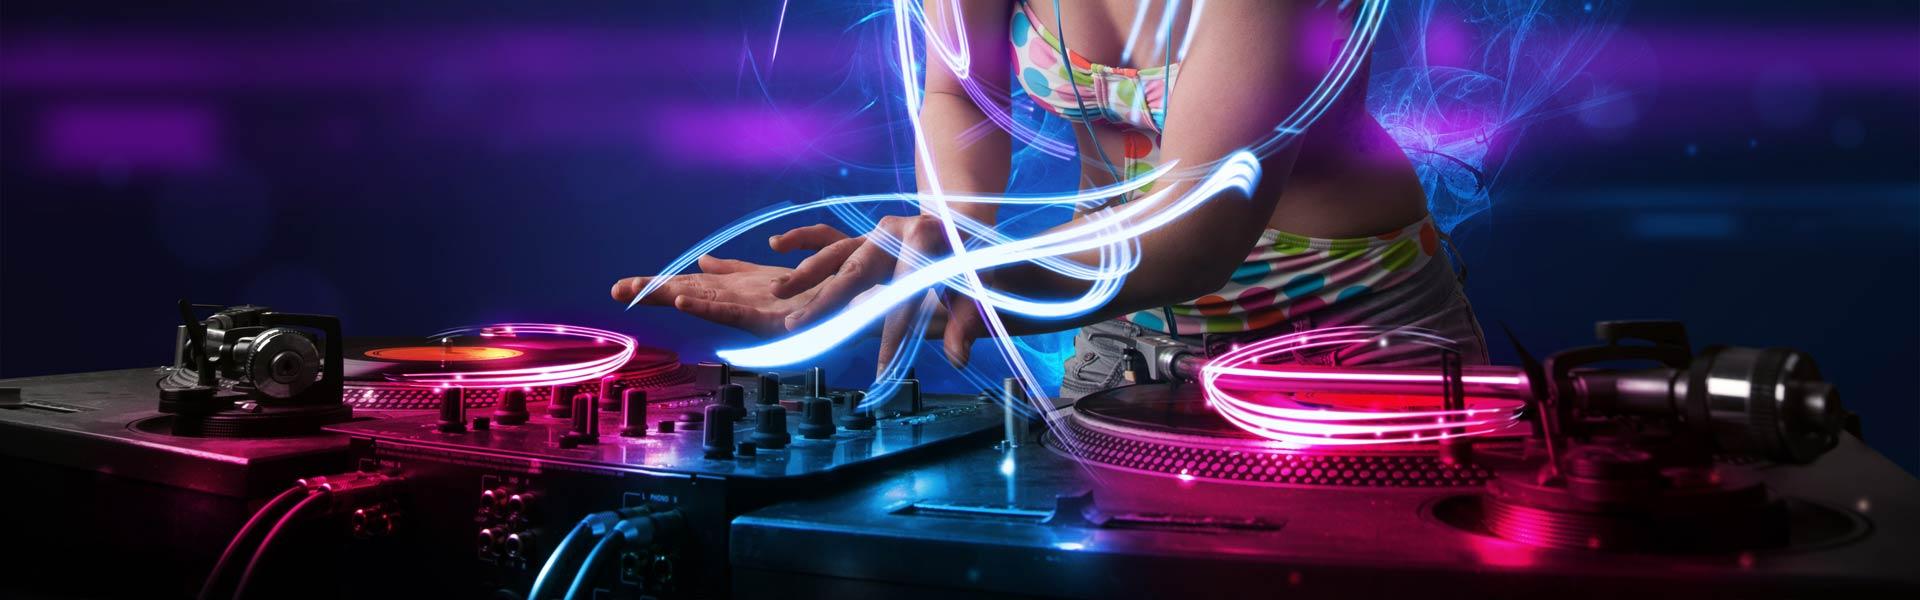 DJ Ausbildung Online